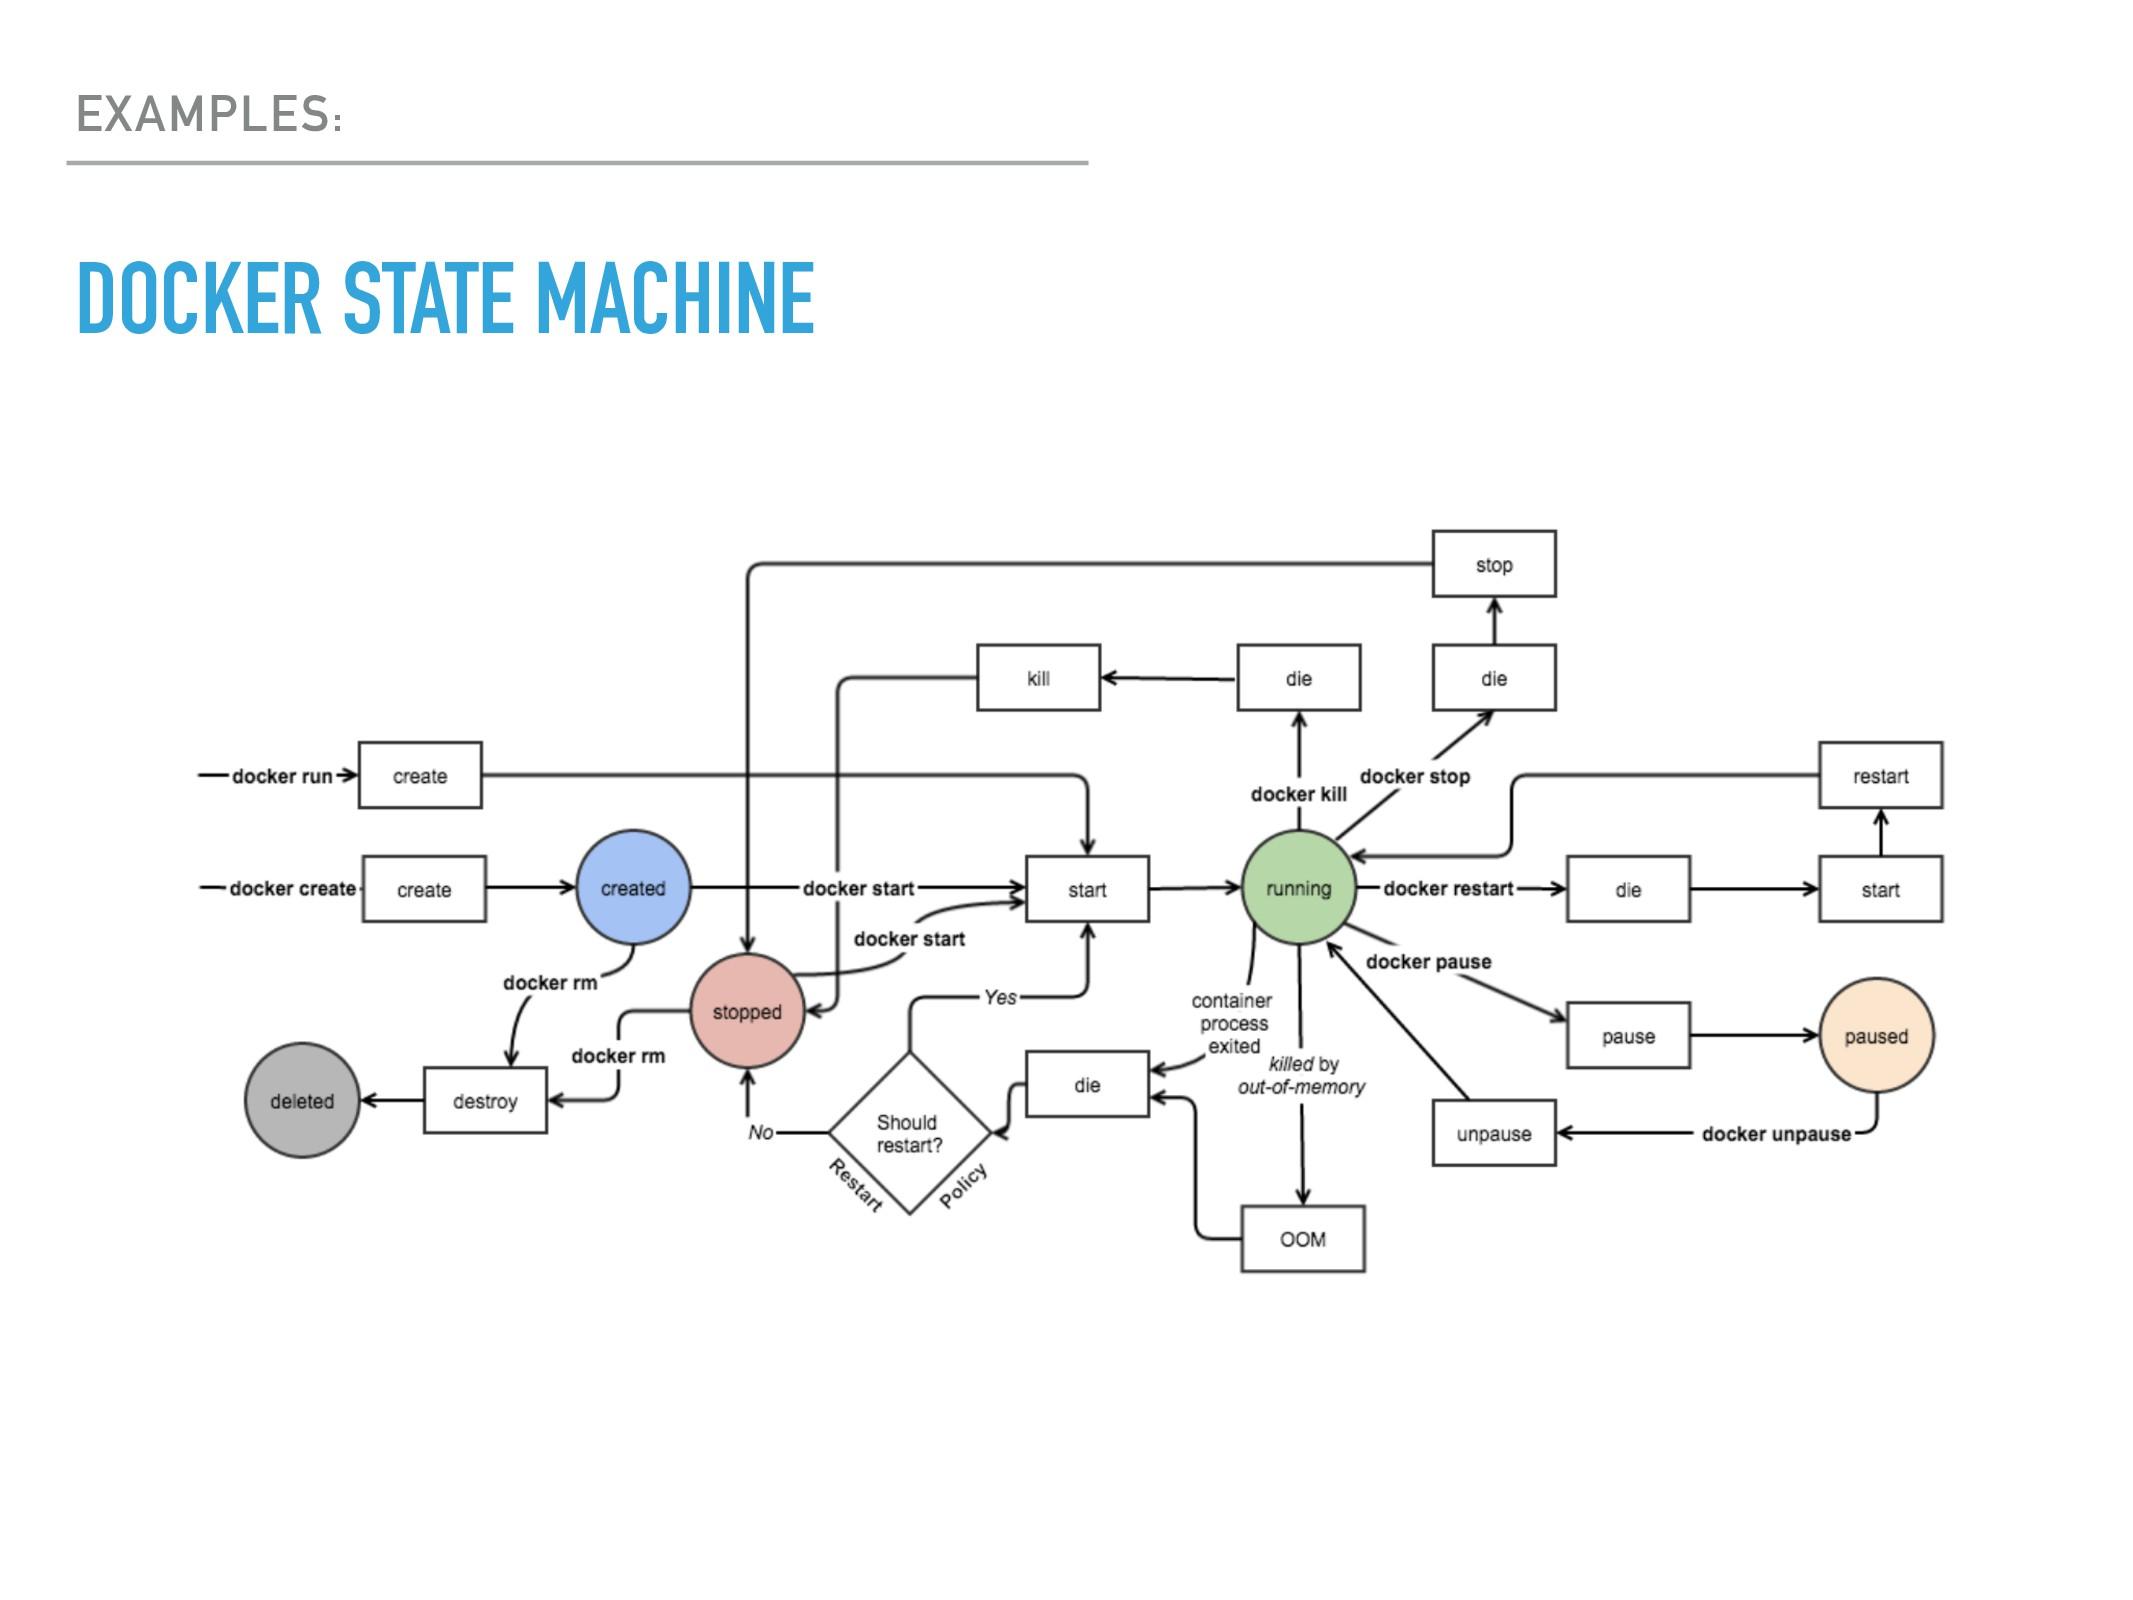 EXAMPLES: DOCKER STATE MACHINE